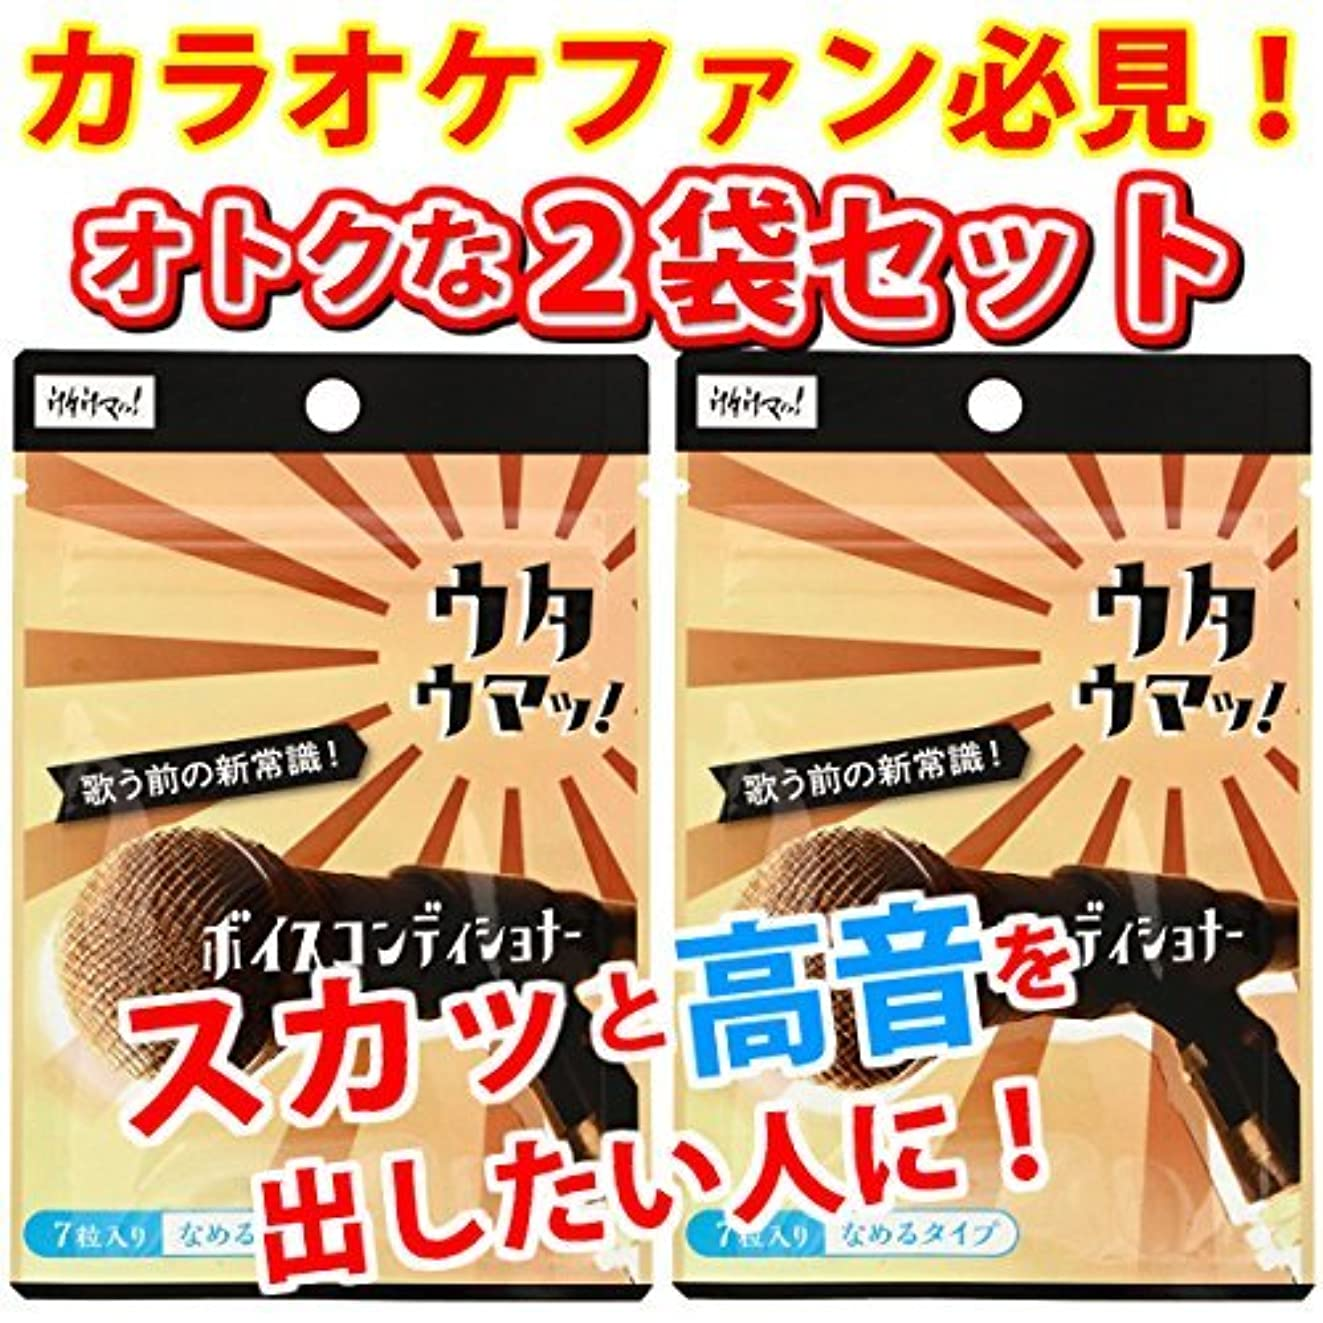 すり一致する不透明なカラオケ サプリの決定版!『ボイスコンディショナー』 ウタウマッ! おトクな2袋セット